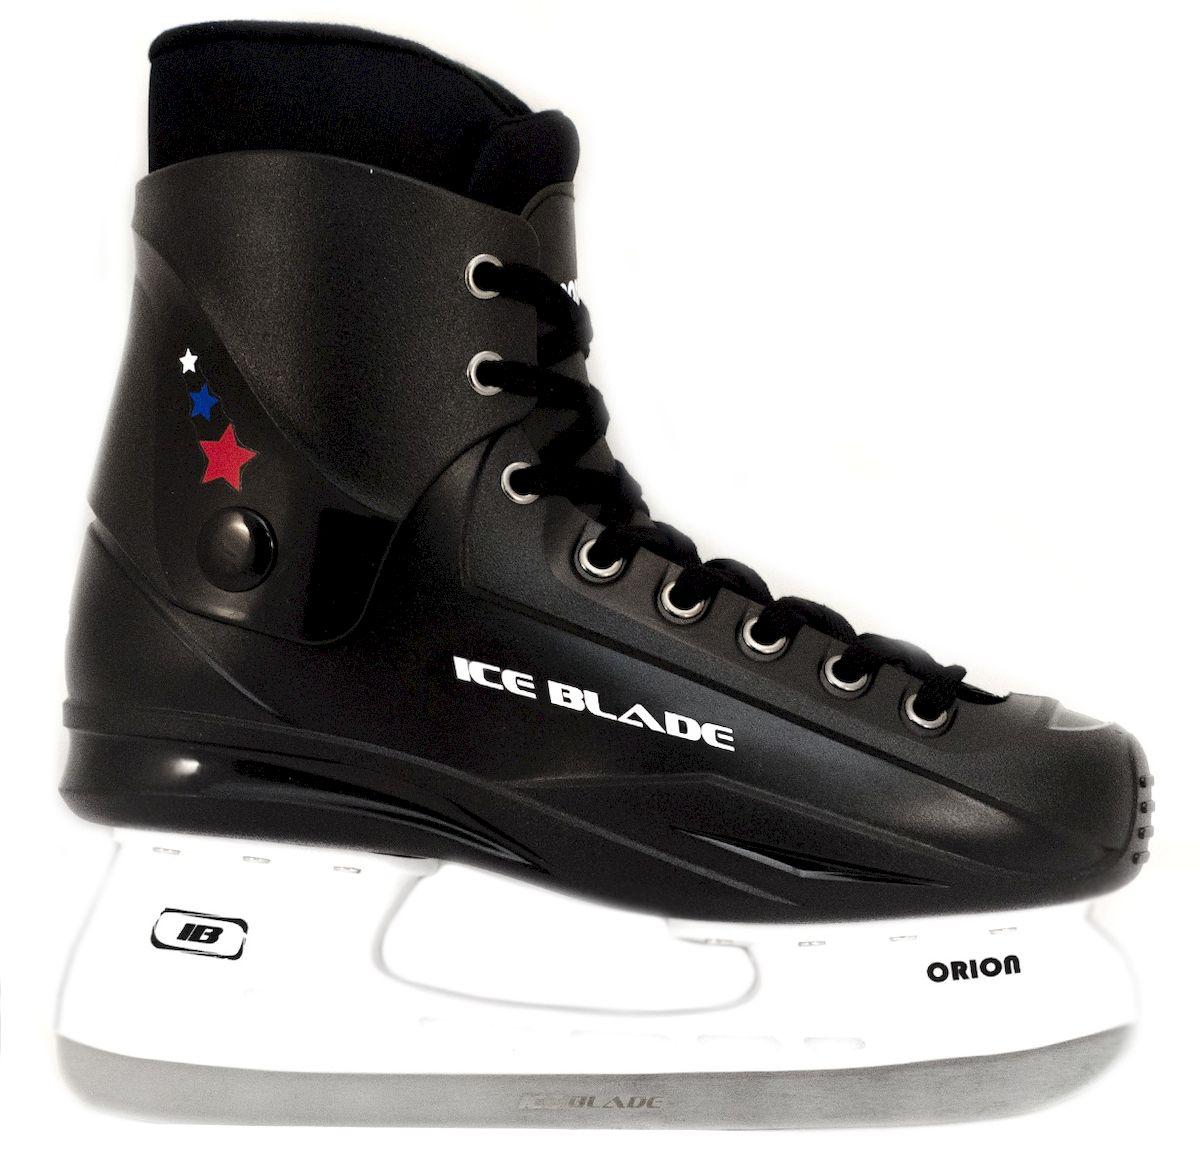 Коньки хоккейные Ice Blade Orion, цвет: черный. УТ-00004984. Размер 36УТ-00004984Коньки хоккейные Ice Blade Orion - это хоккейные коньки для любых возрастов. Конструкция прекрасно защищает стопу, очень комфортна для активного катания, а также позволяет играть в хоккей. Легкий ботинок очень комфортный как для простого катания на льду, так и для любительского хоккея. Ботинок выполнен из высококачественного морозостойкого пластика и нейлоновой сетки. Внутренний сапожок утеплен мягким и дышащим вельветом, а язычок усилен специальной вставкой для большей безопасности стопы. Лезвие изготовлено из высокоуглеродистой стали, что гарантирует прочность и долговечность.Удобная система фиксации ноги и улучшенная колодка сделают катание комфортным и безопасным.